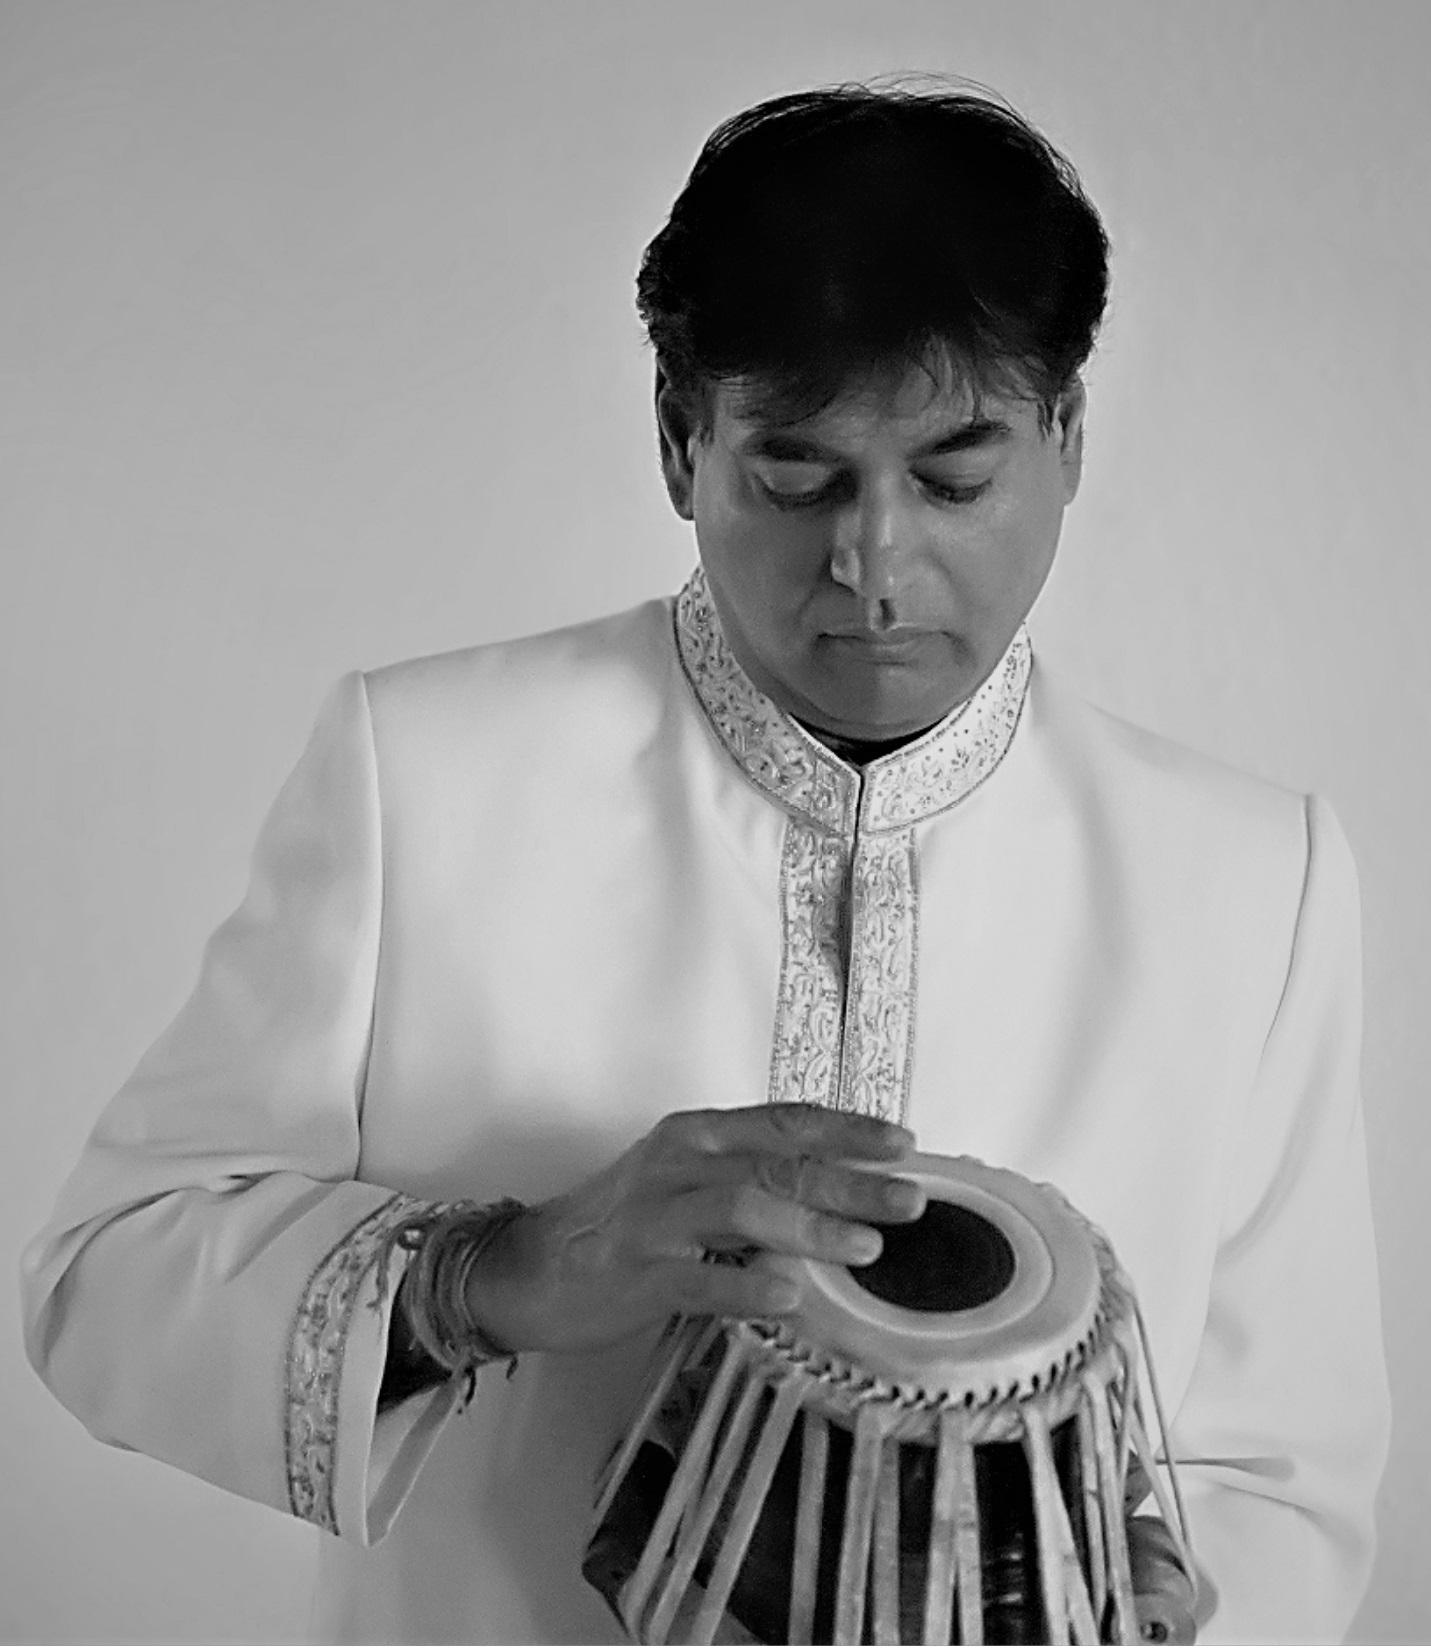 Sirishkumar Manji